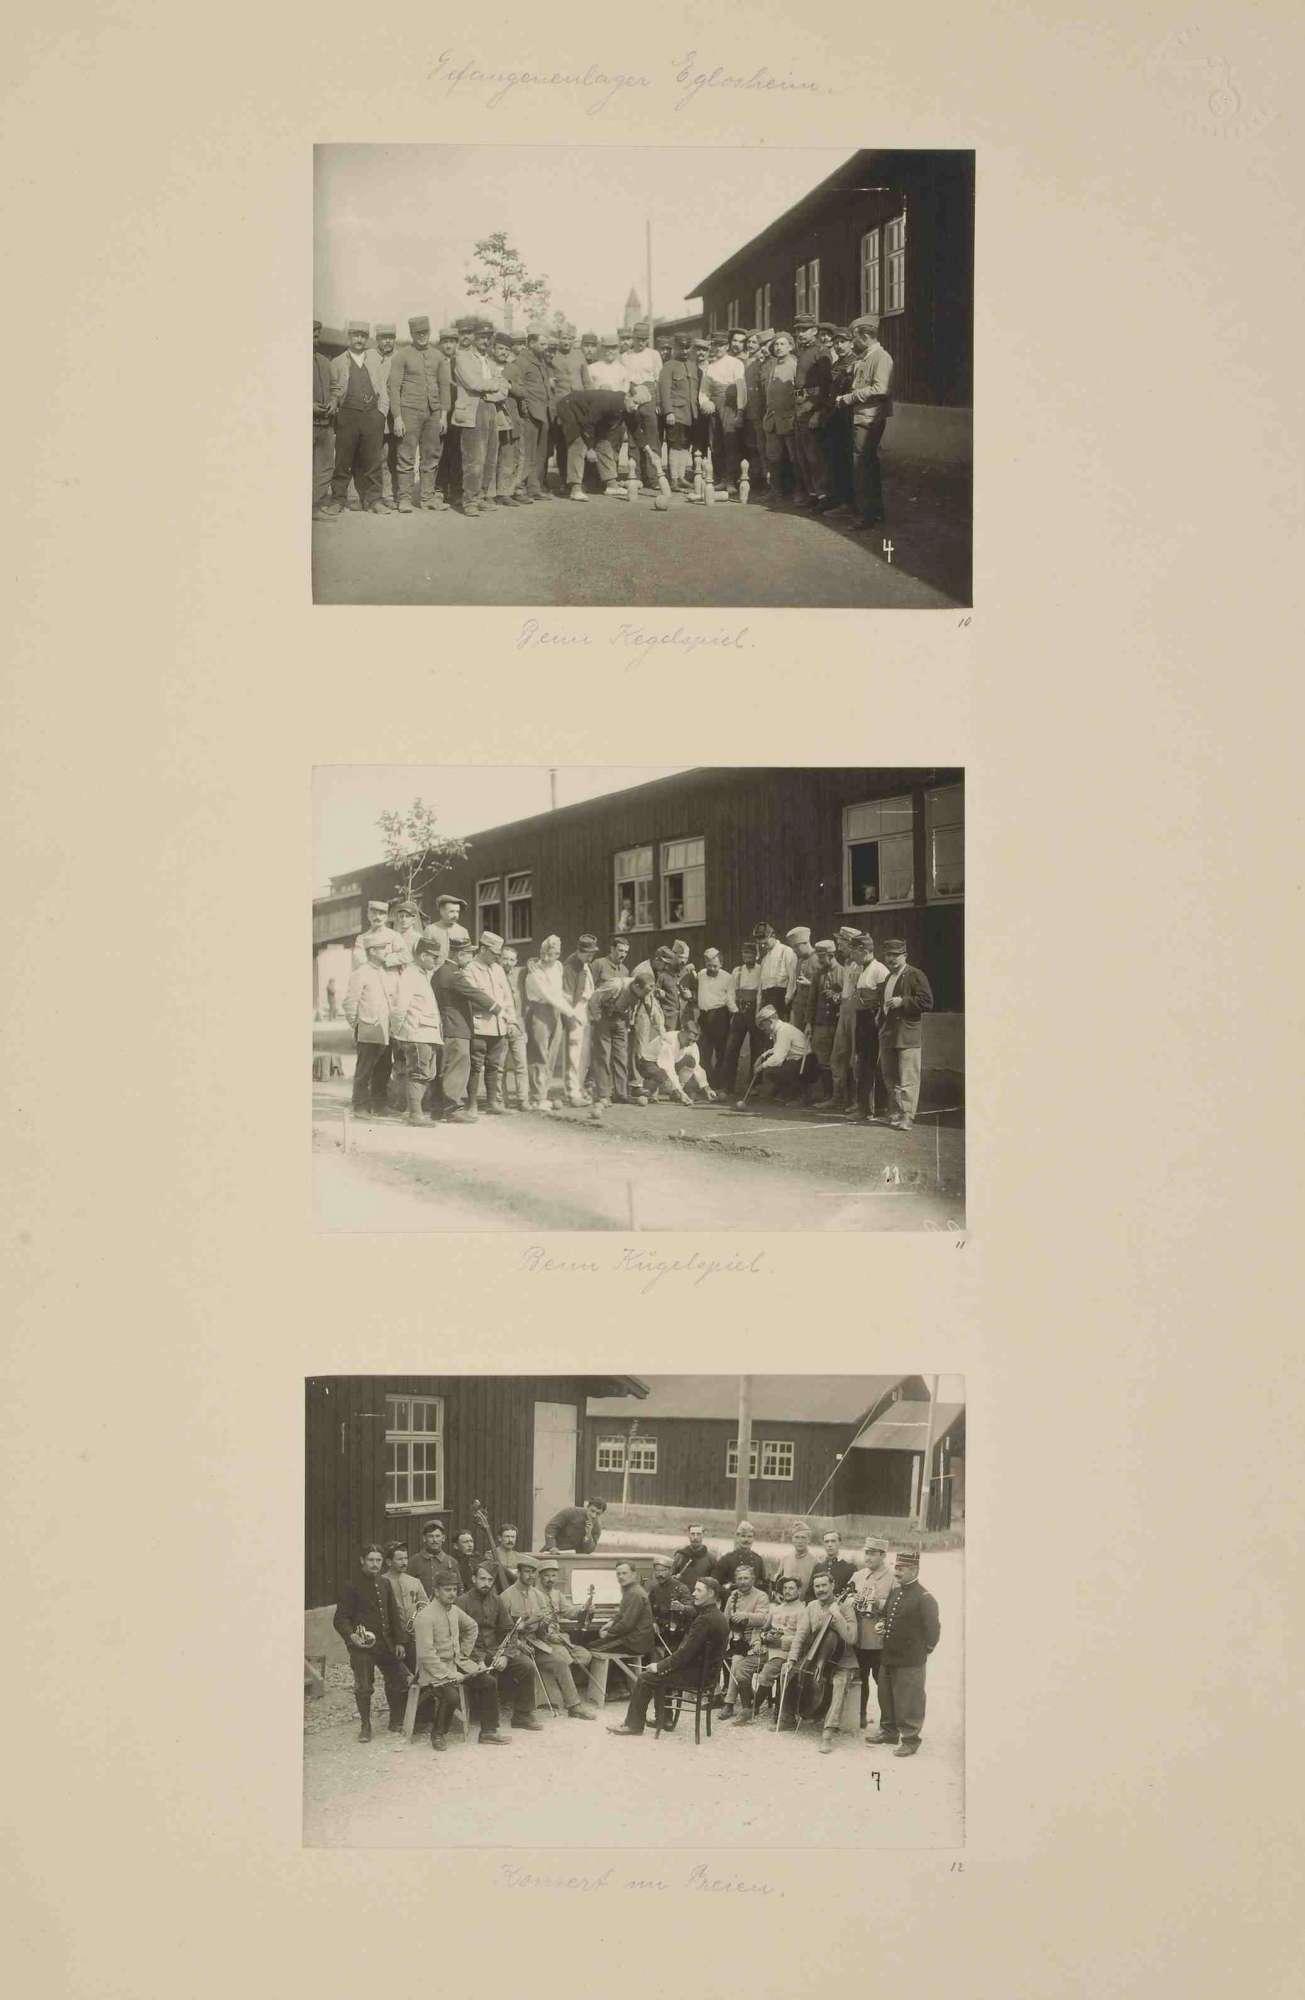 Kriegsgefangene des Kriegsgefangenenlagers Ludwigsburg-Eglosheim beim Kegelspiel, beim Kugelspiel (Boule) im Freien und bei Konzertübung im Freien, Bild 1